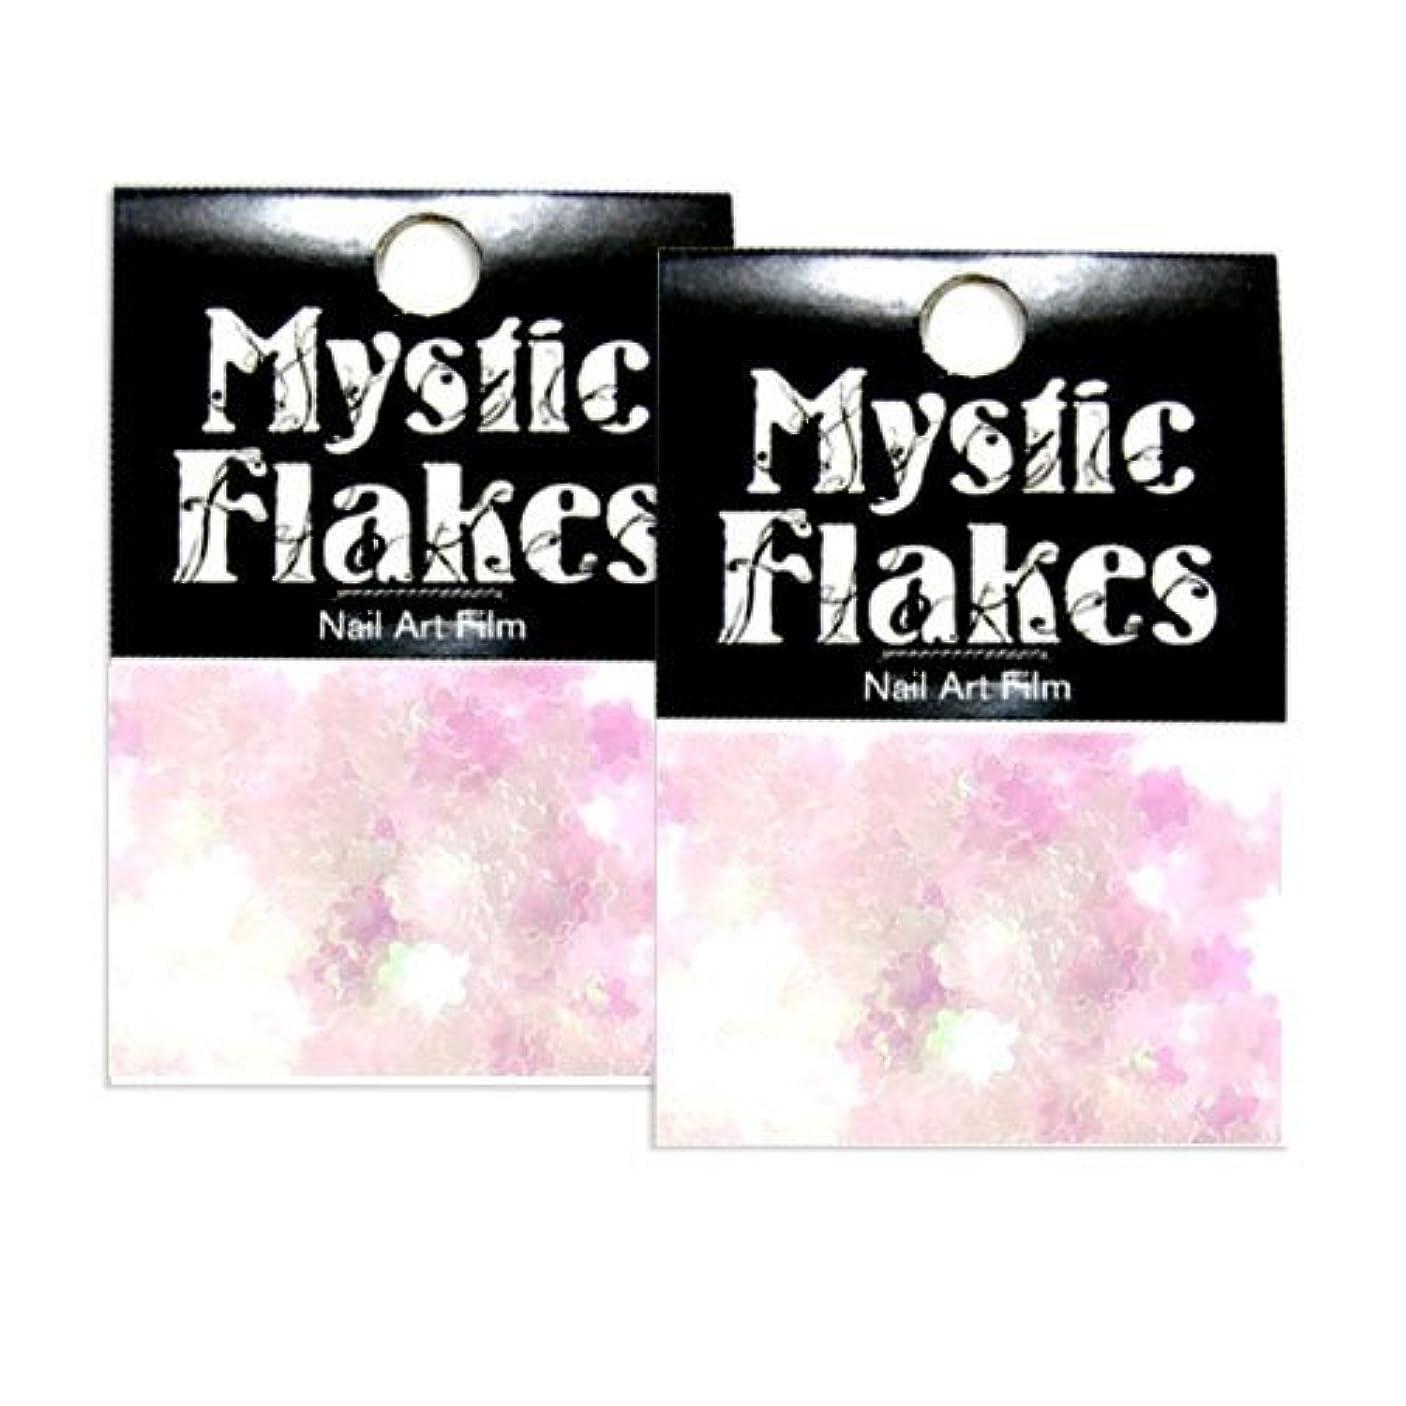 ジェームズダイソンくしゃくしゃ彼女のミスティックフレース ネイル用ストーン カメレオンクリアピンク フラワー 0.5g 2個セット